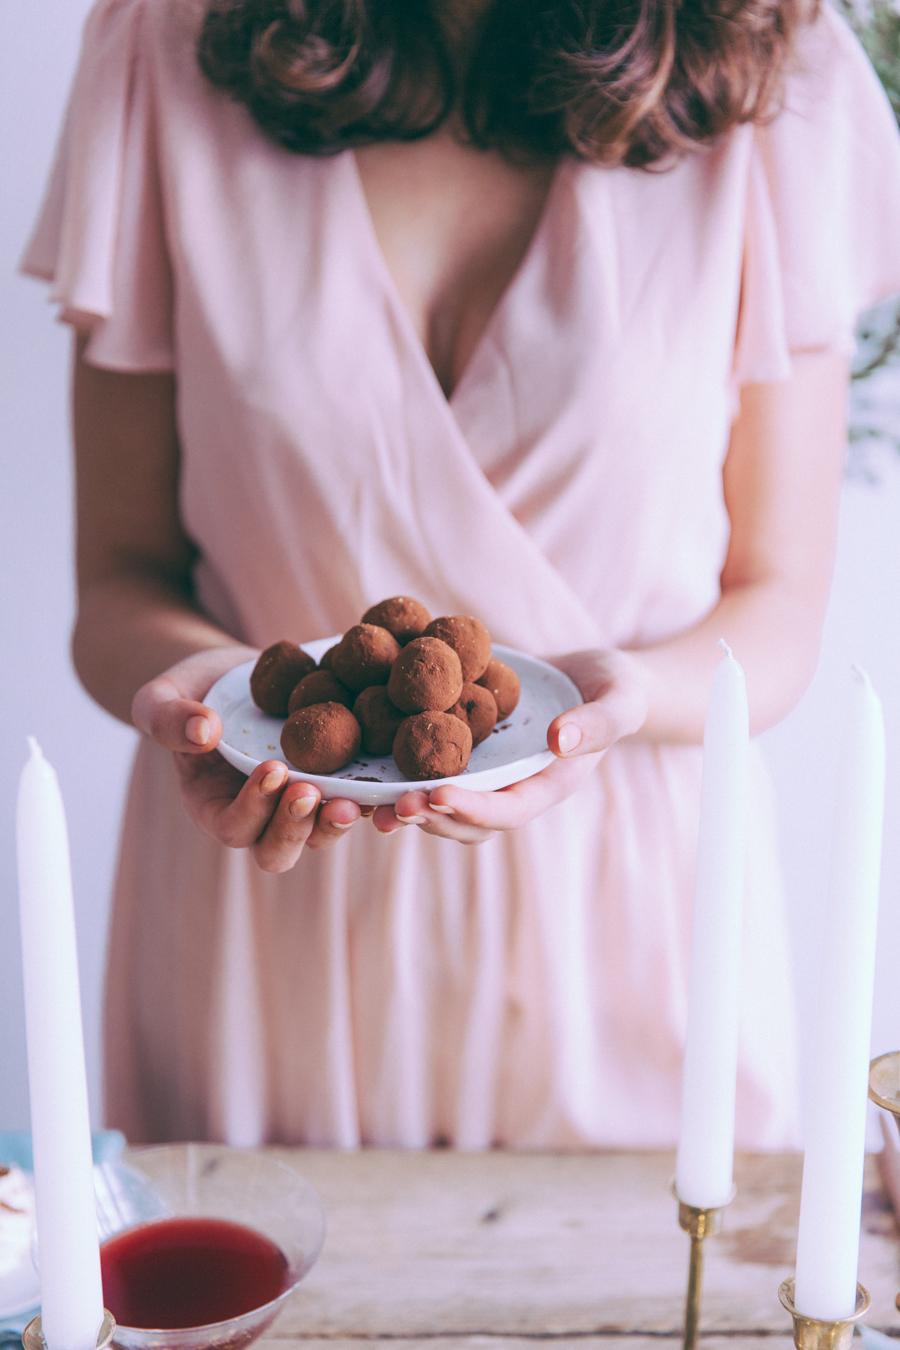 Recette truffes au chocolat au lait Vegan Blog cuisine lifestyle